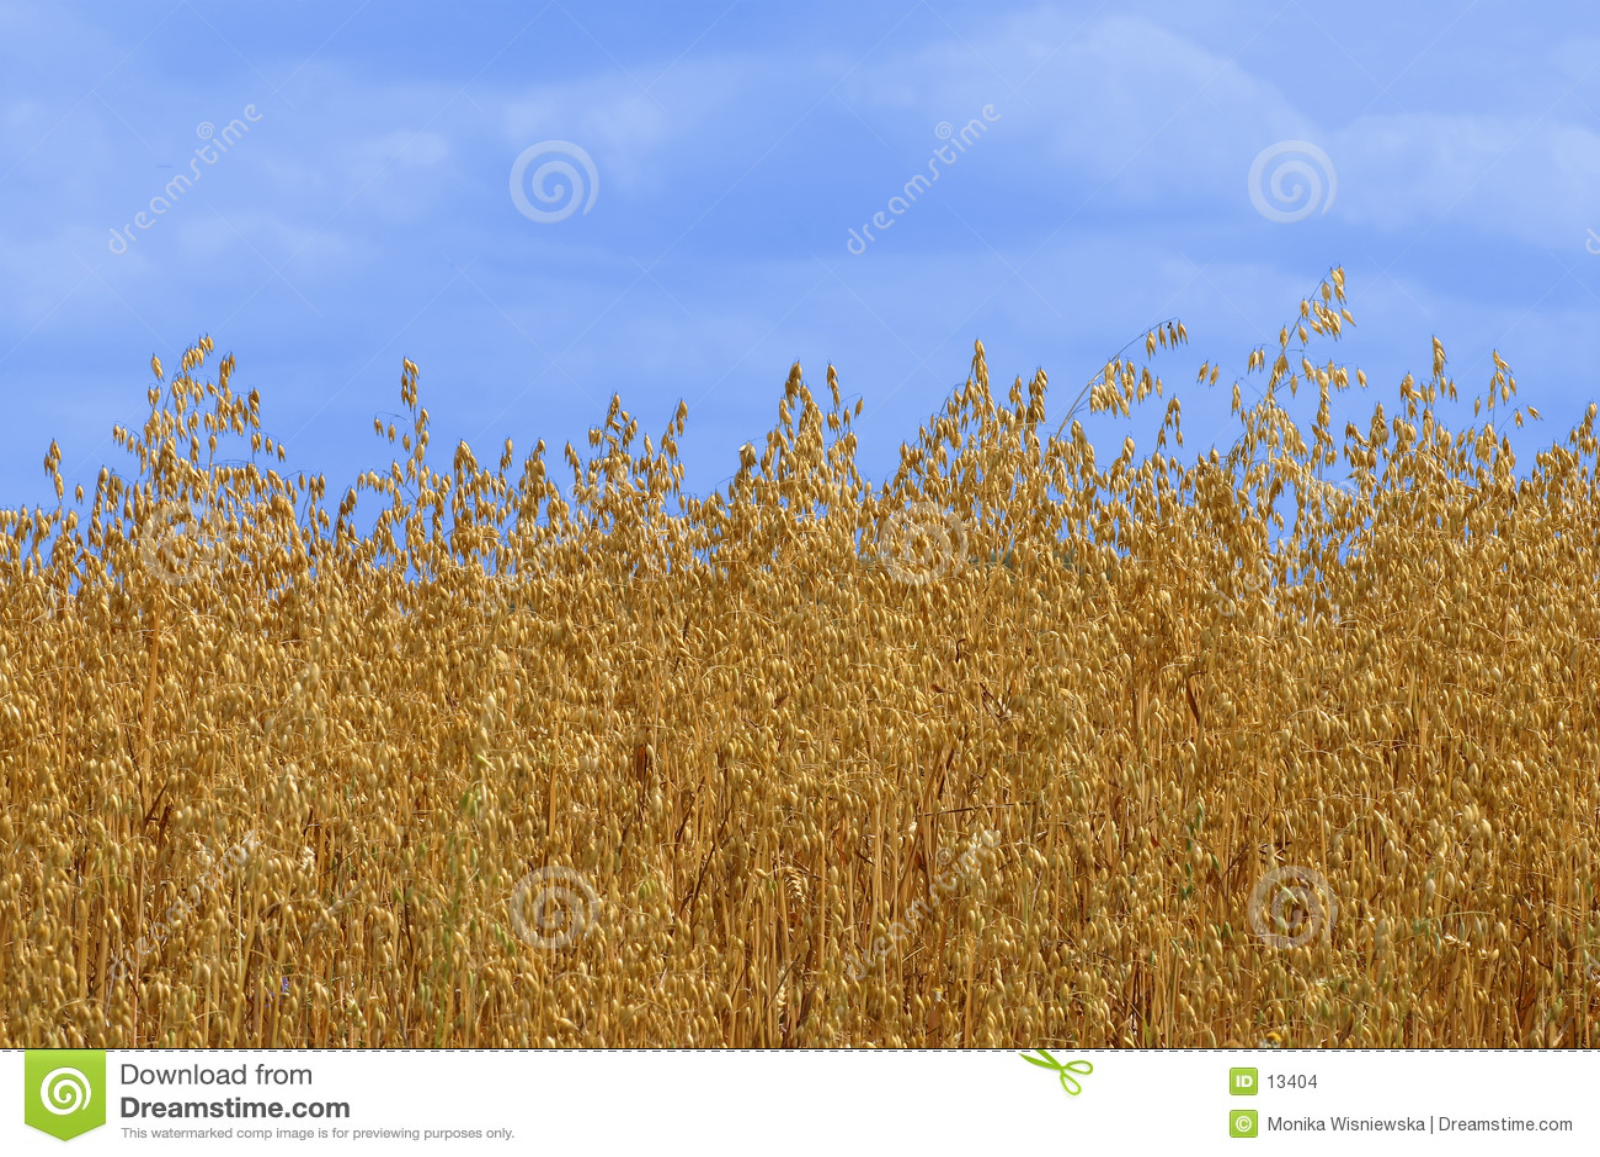 Goldener Hafer